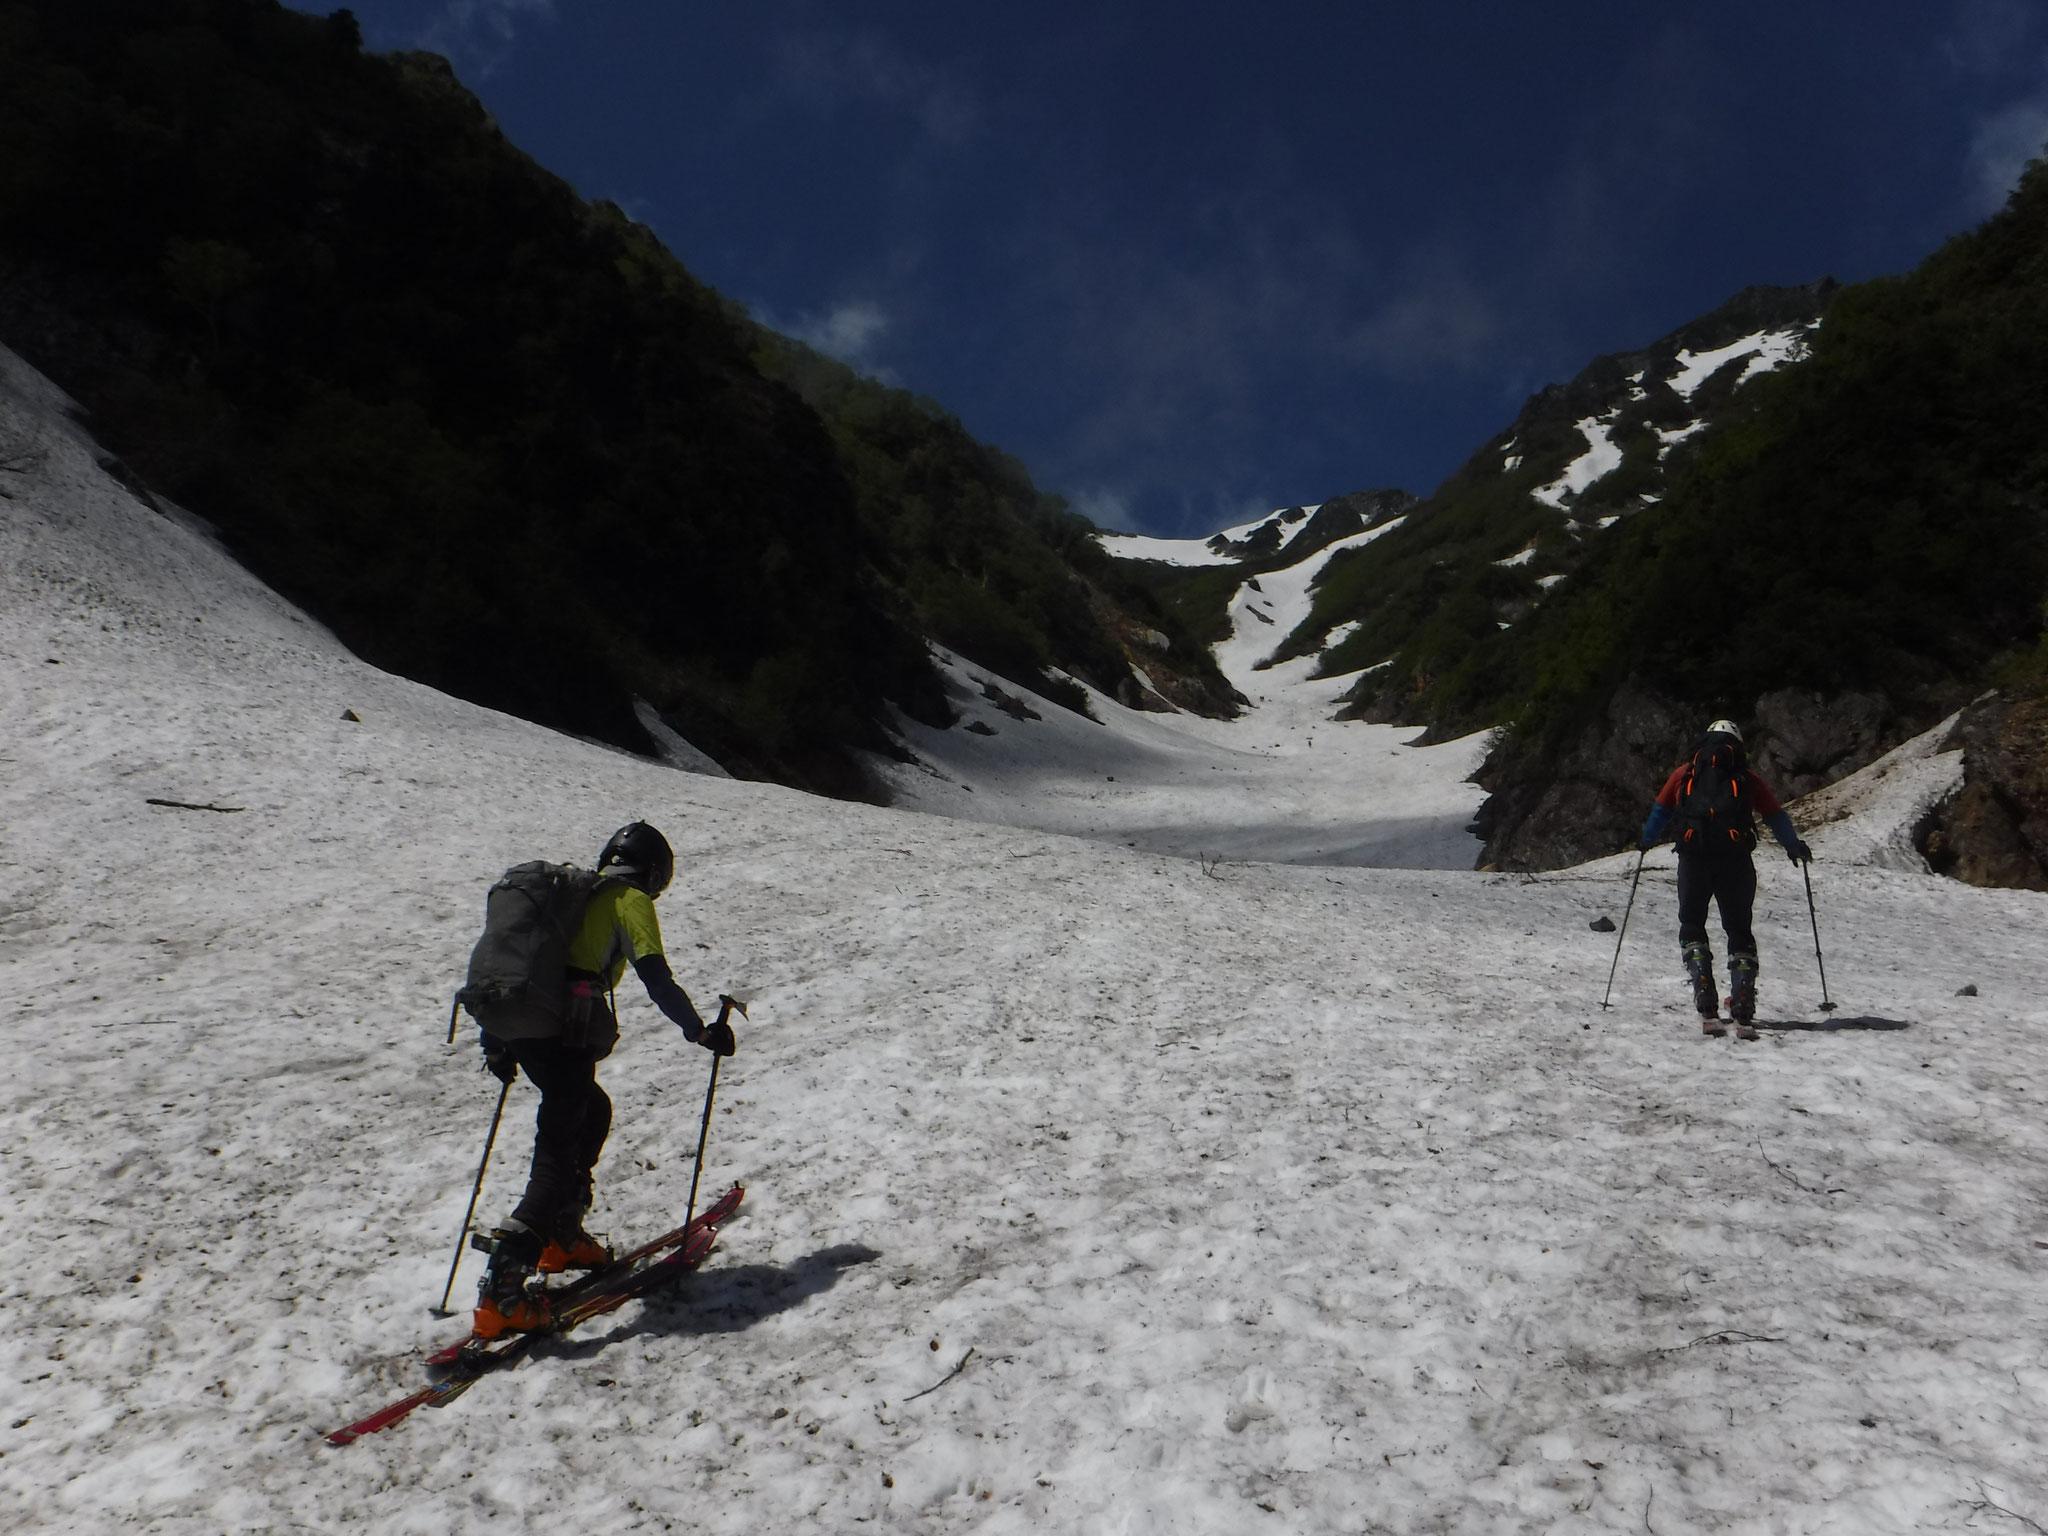 9:20 標高1800m付近、雪渓下部の登り